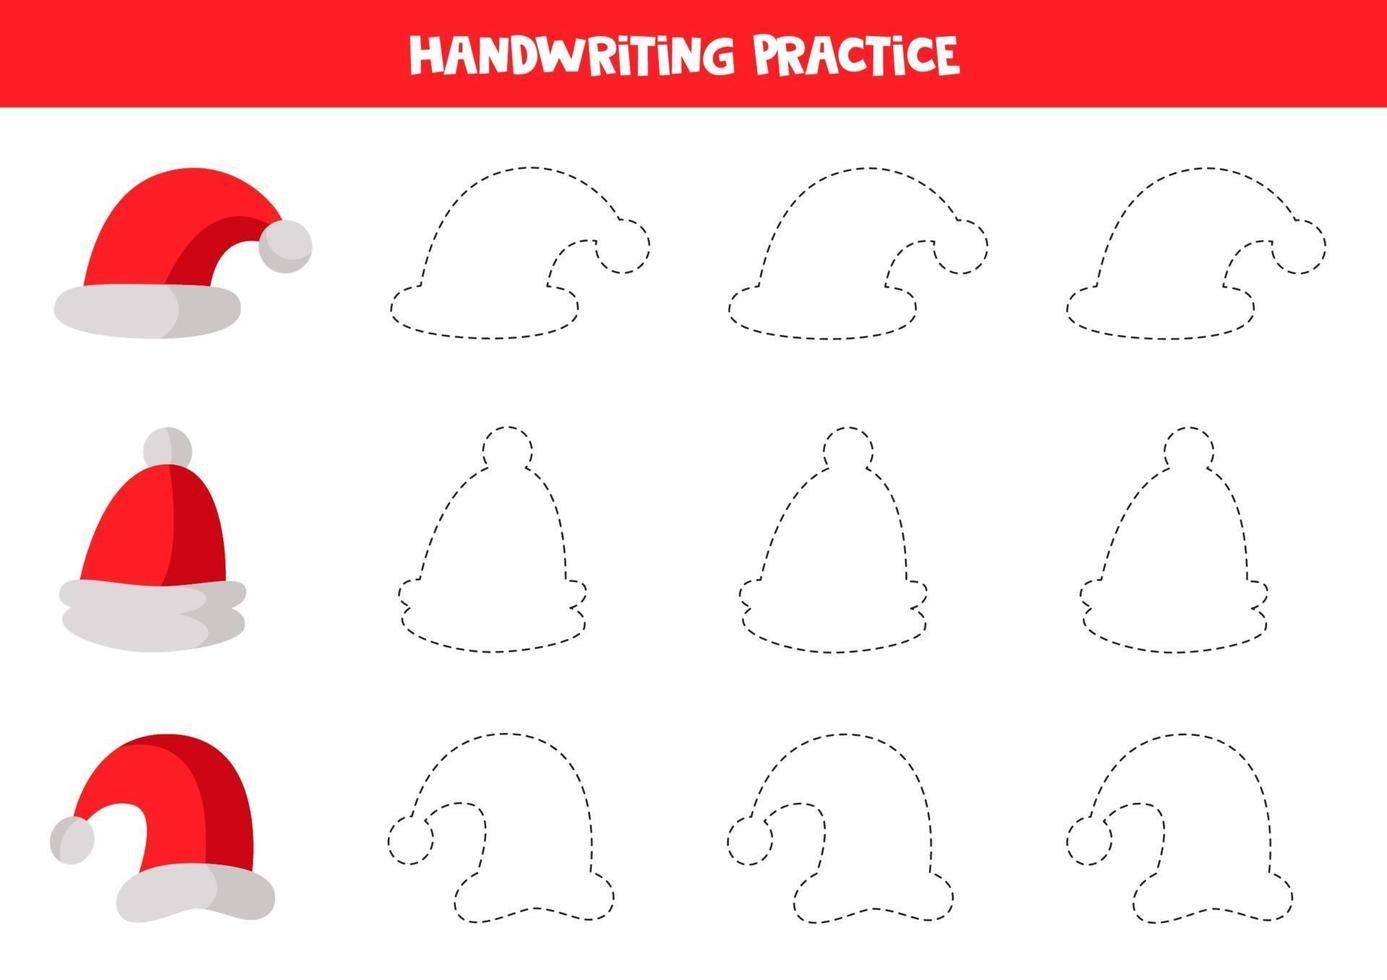 tracciare linee per bambini. traccia i contorni dei cappellini rossi di Babbo Natale. vettore